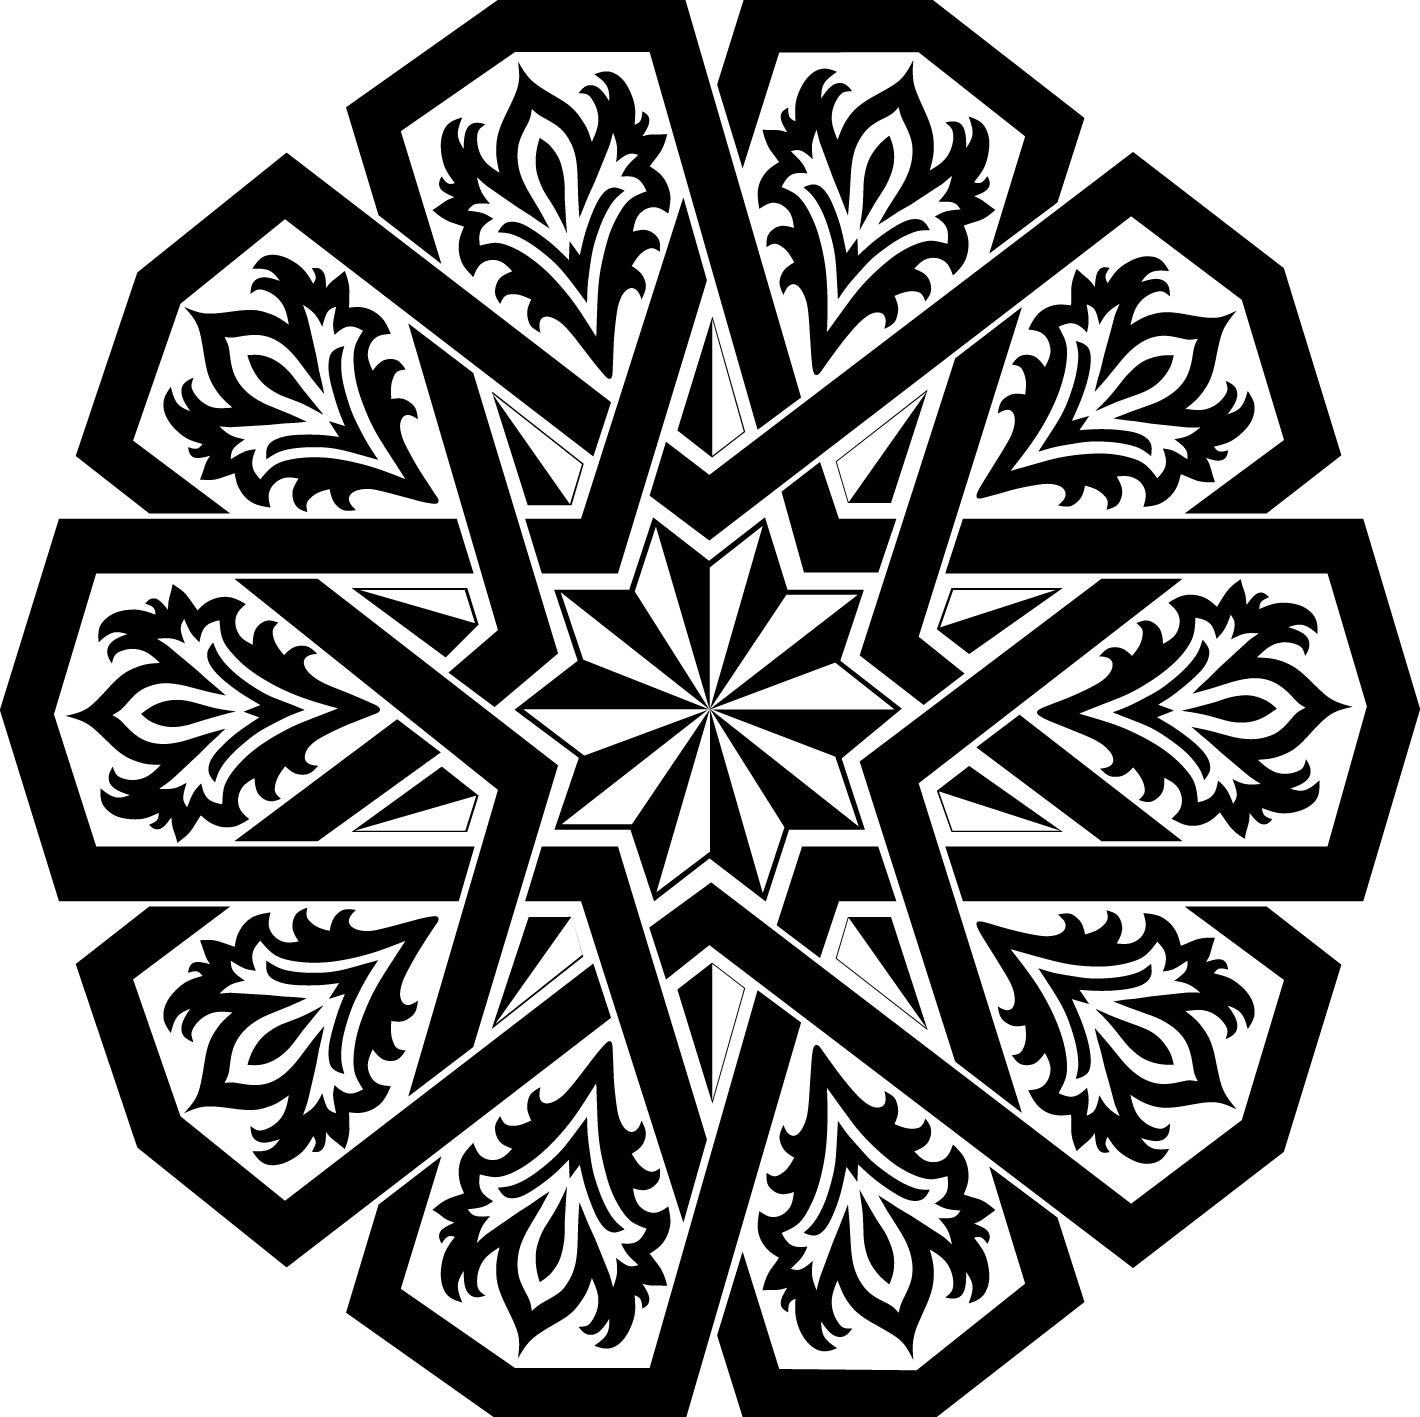 بالصور زخرفة عربية , نقوش متنوعة و عربية 3571 6